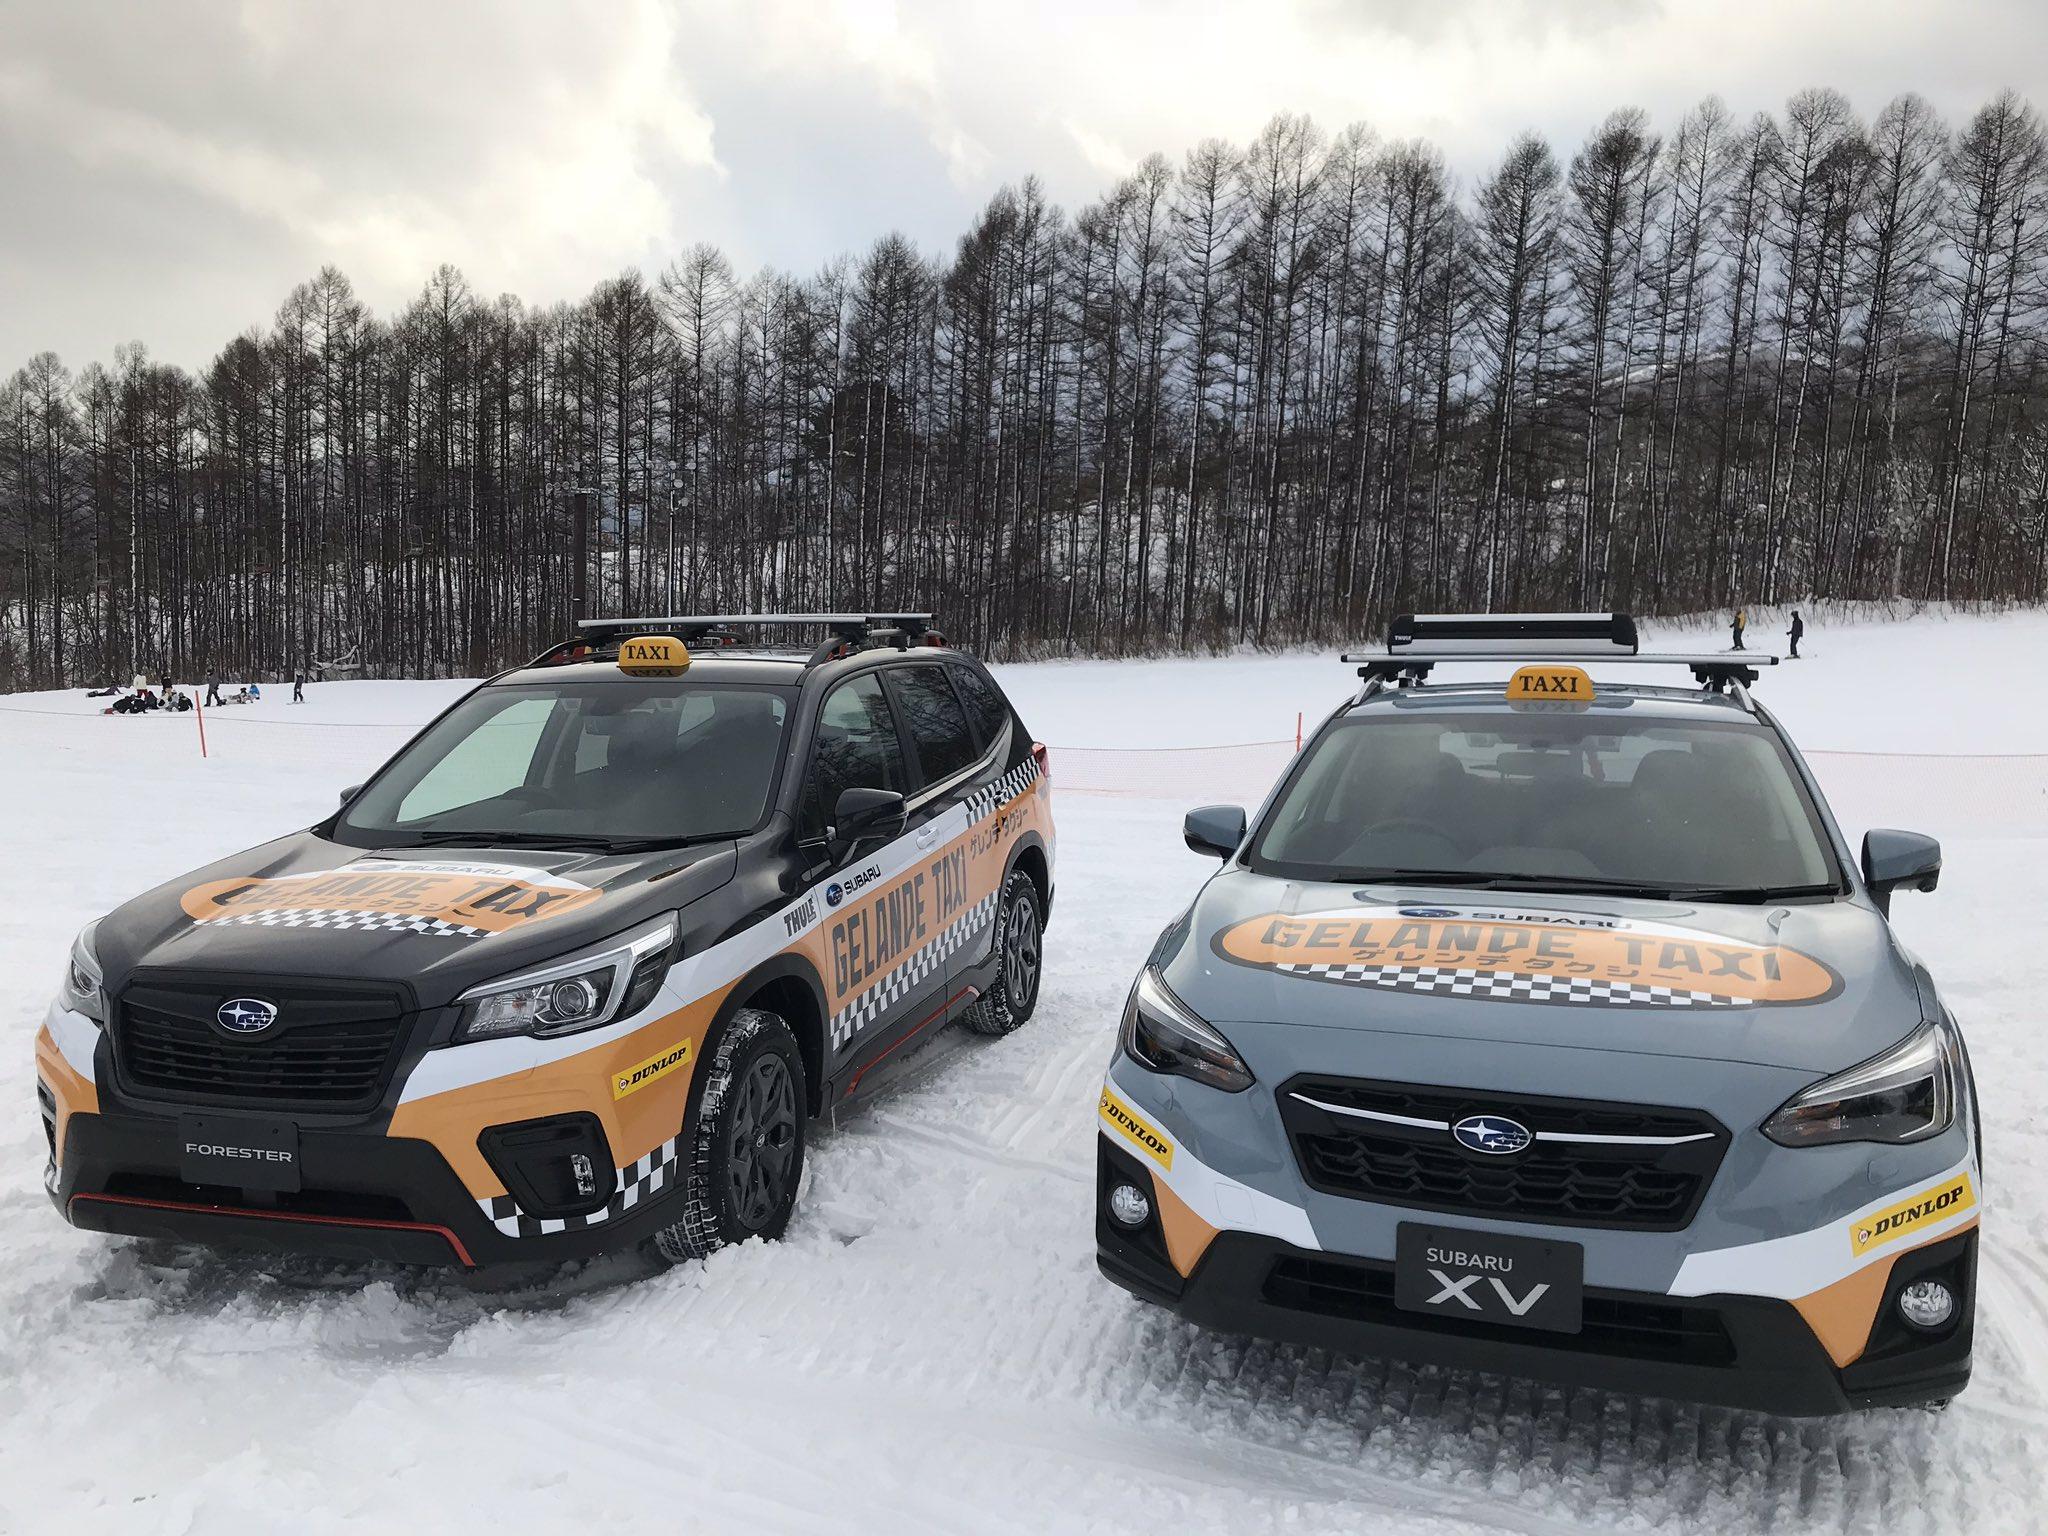 Uzivatel スバコミ事務局 Na Twitteru Subaruスタンプラリー 遊ぶ カテゴリーに 苗場スキー場 を公開 2月16日 土 17日 日 今期最後の ゲレンデタクシー 開催地です スリル満点のスノードライブで Subaru の Suv の安心と愉しさを満喫してください